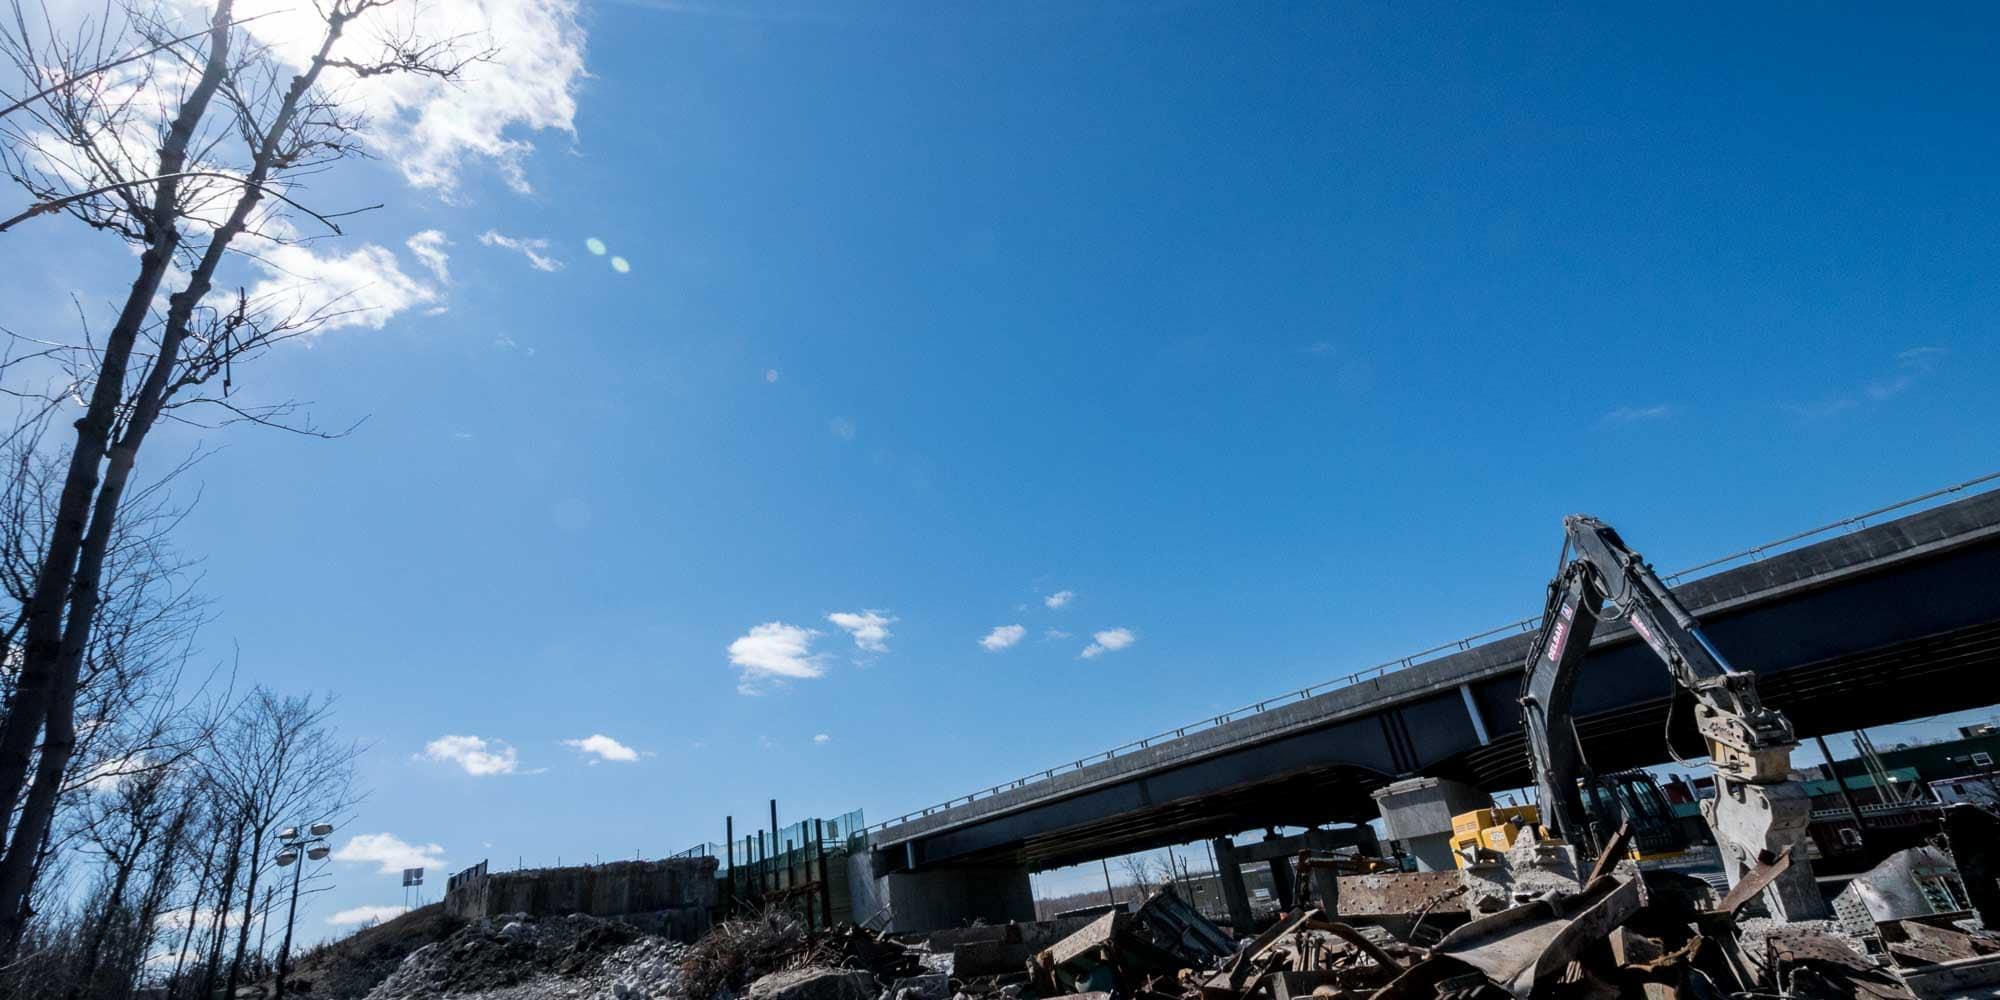 Le pont de l'autoroute 15 Nord a été démoli pour être remplacé par un neuf. Photo prise le 5 avril 2016 à Saint-Jérôme